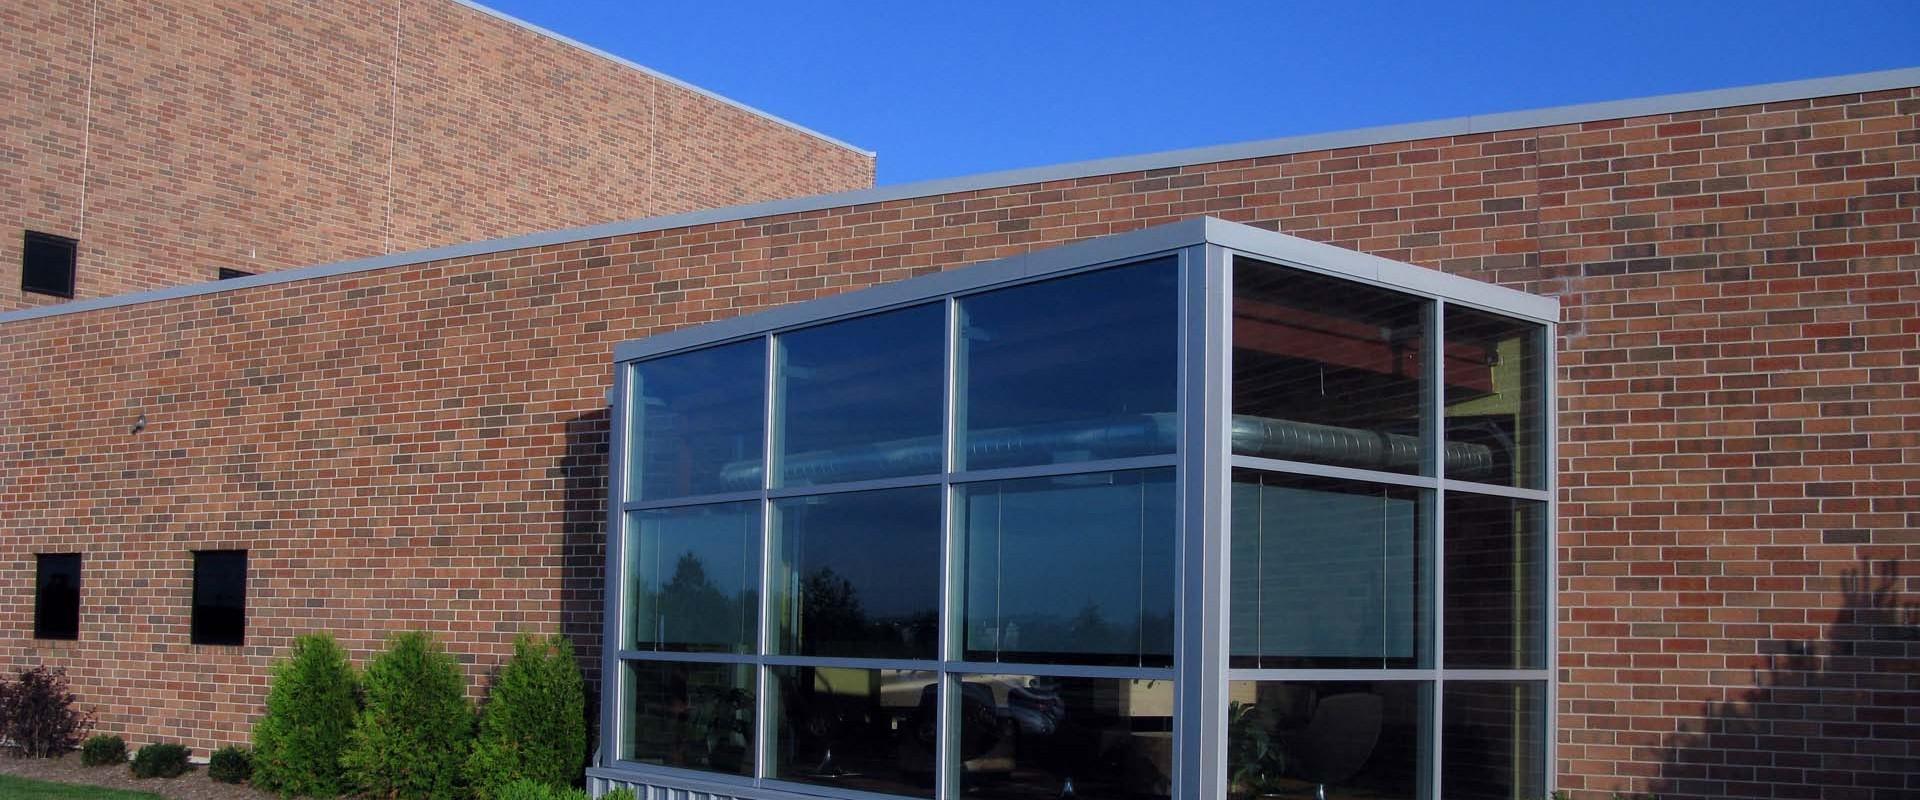 Contemporary Church Design